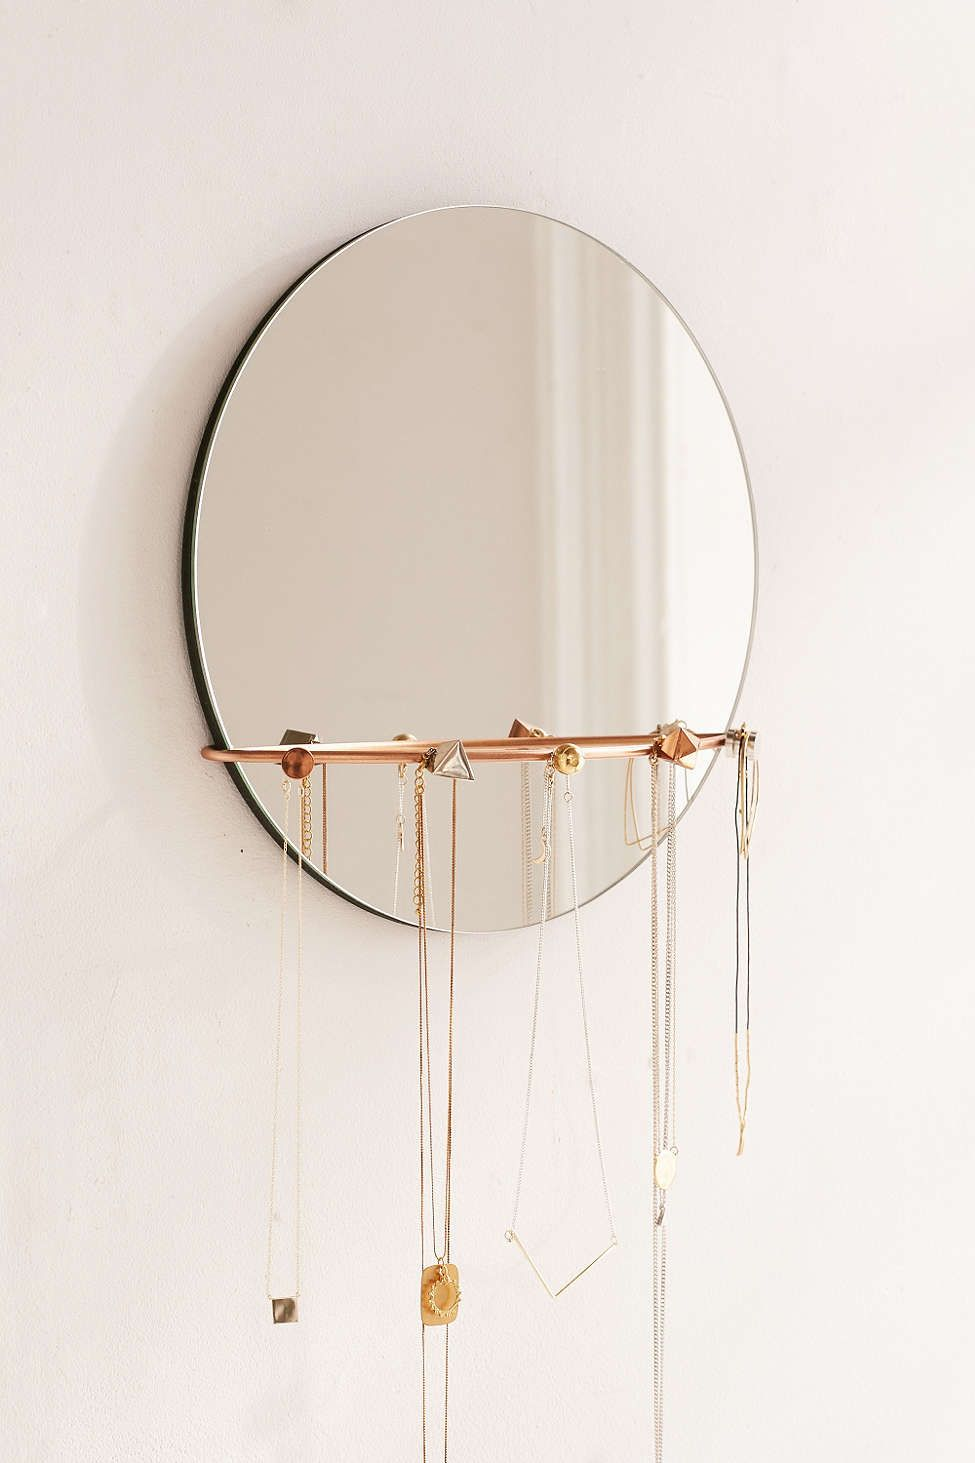 Wall Jewelry Anizer Make Photo Gallery Storage Hanging & Jewelry Storage Hanger - Most Popular and Best Image Jewelry